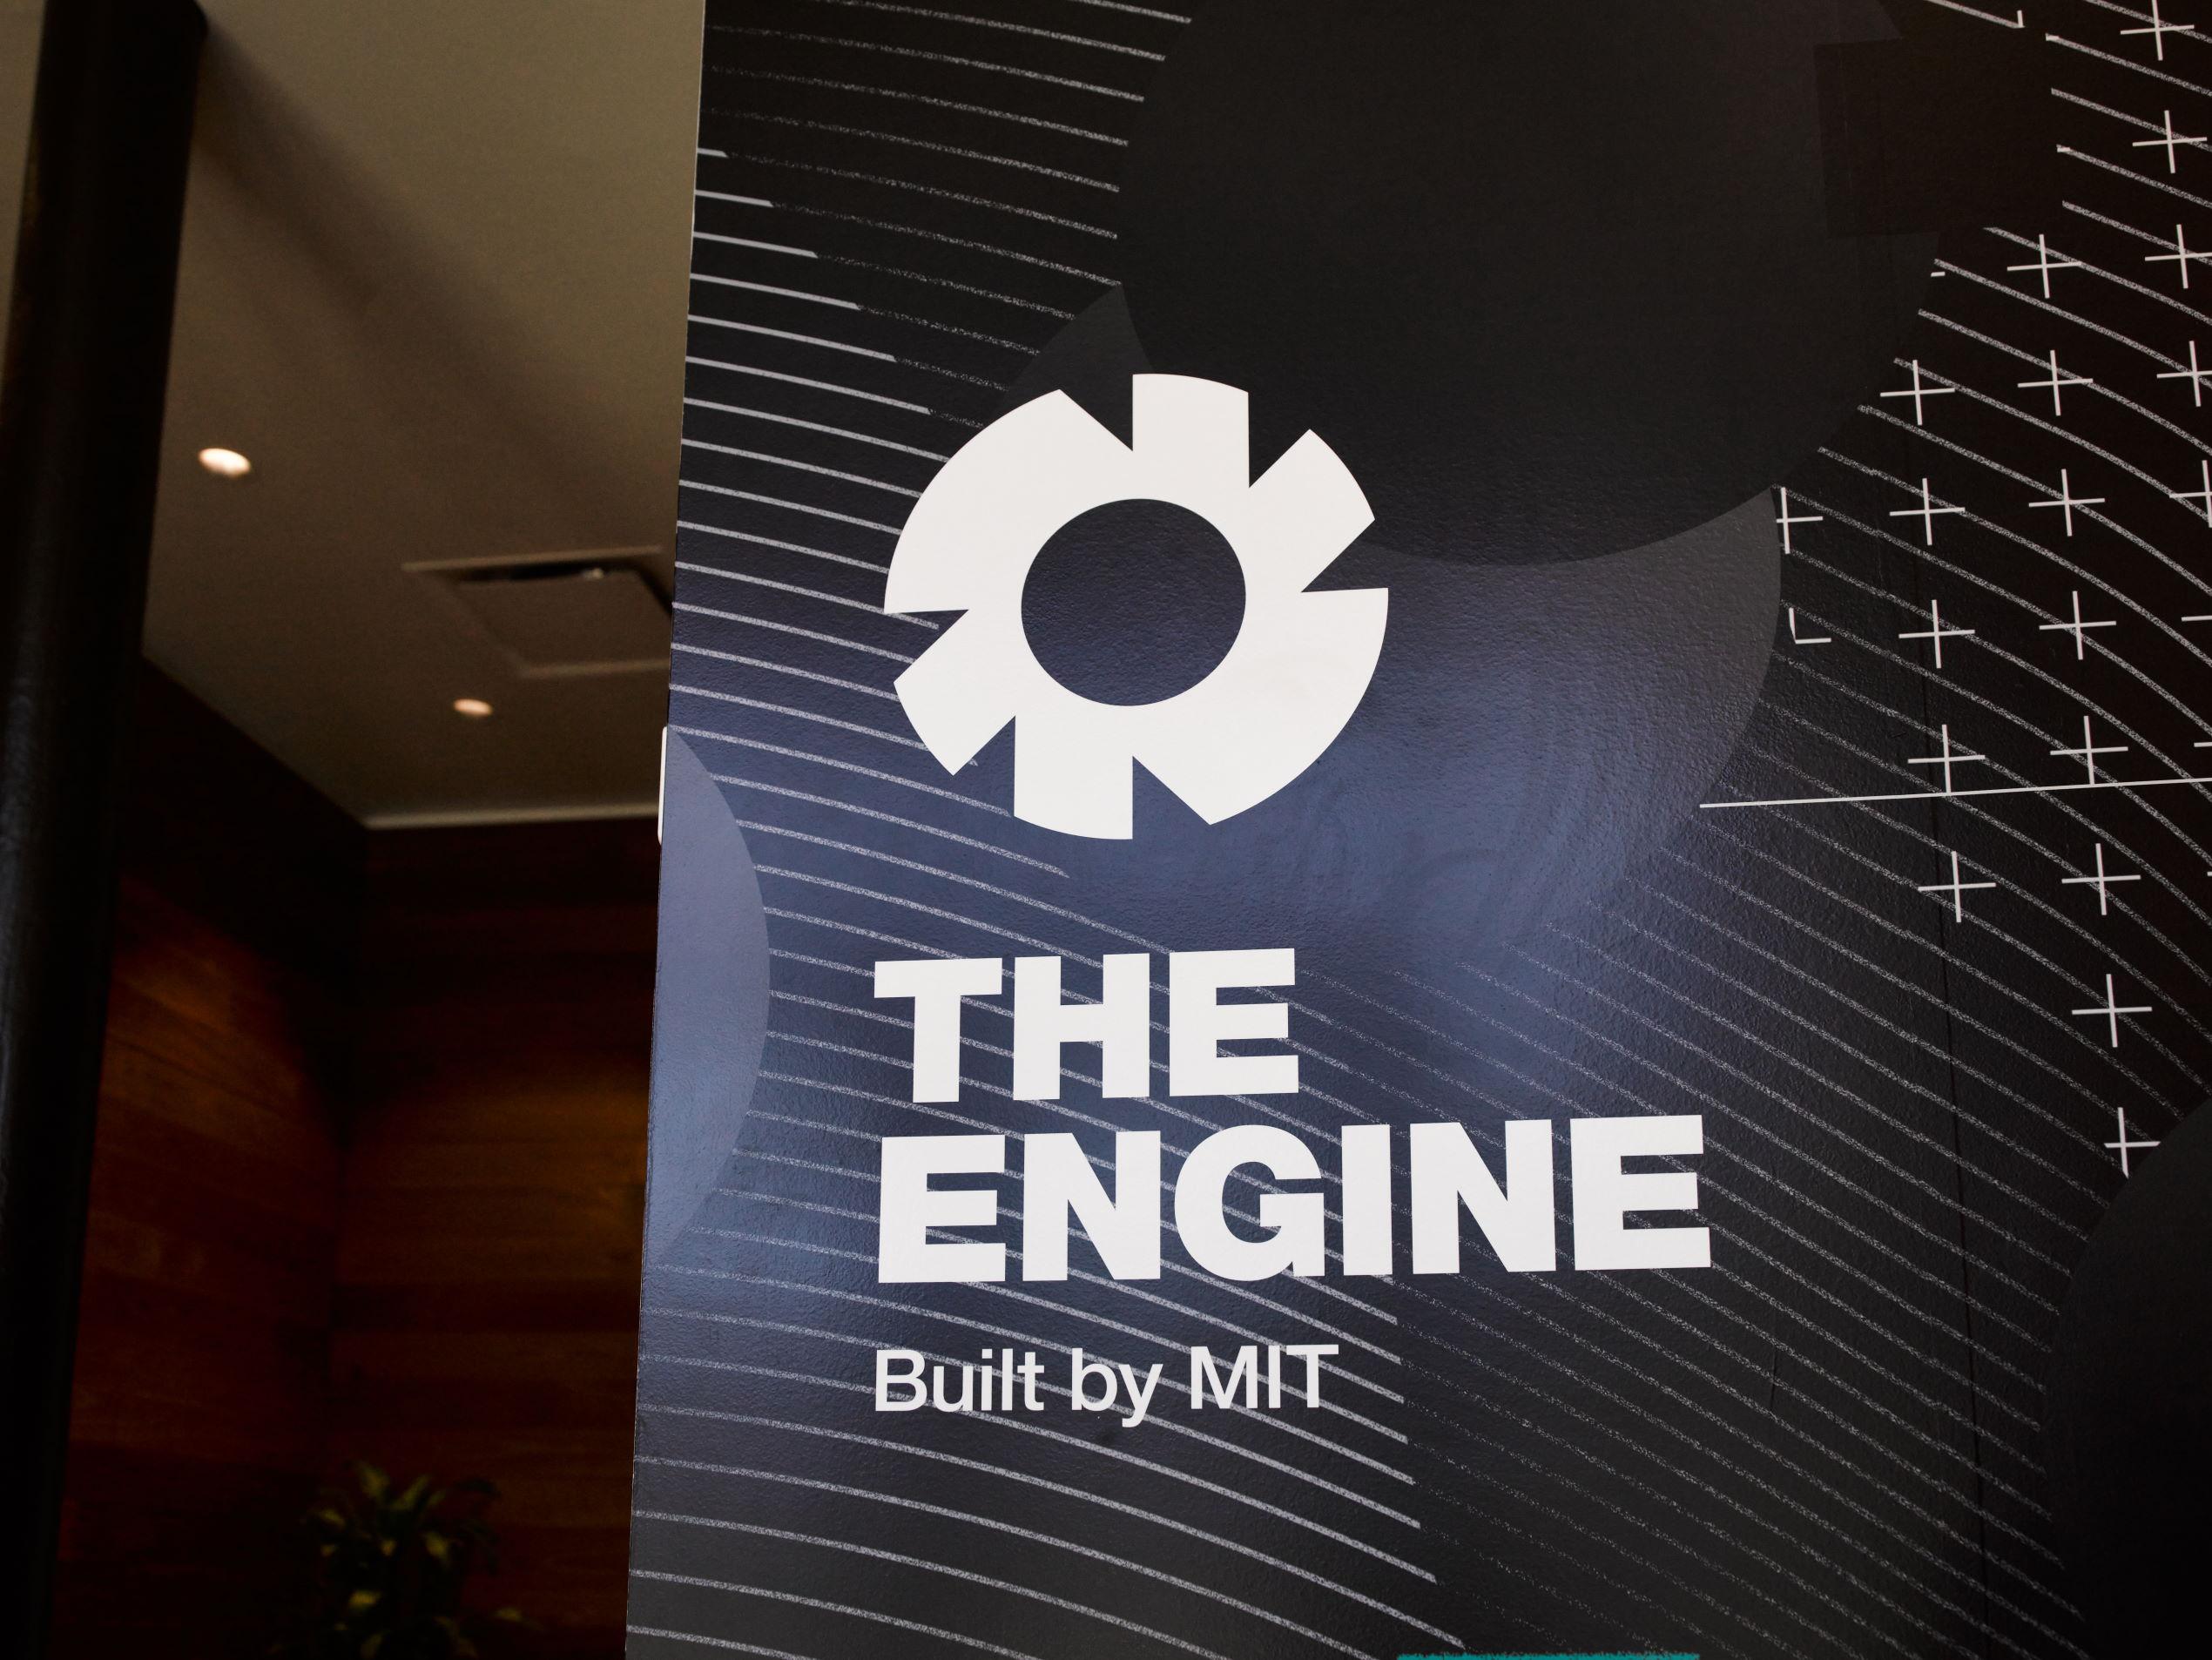 The Engine MIT